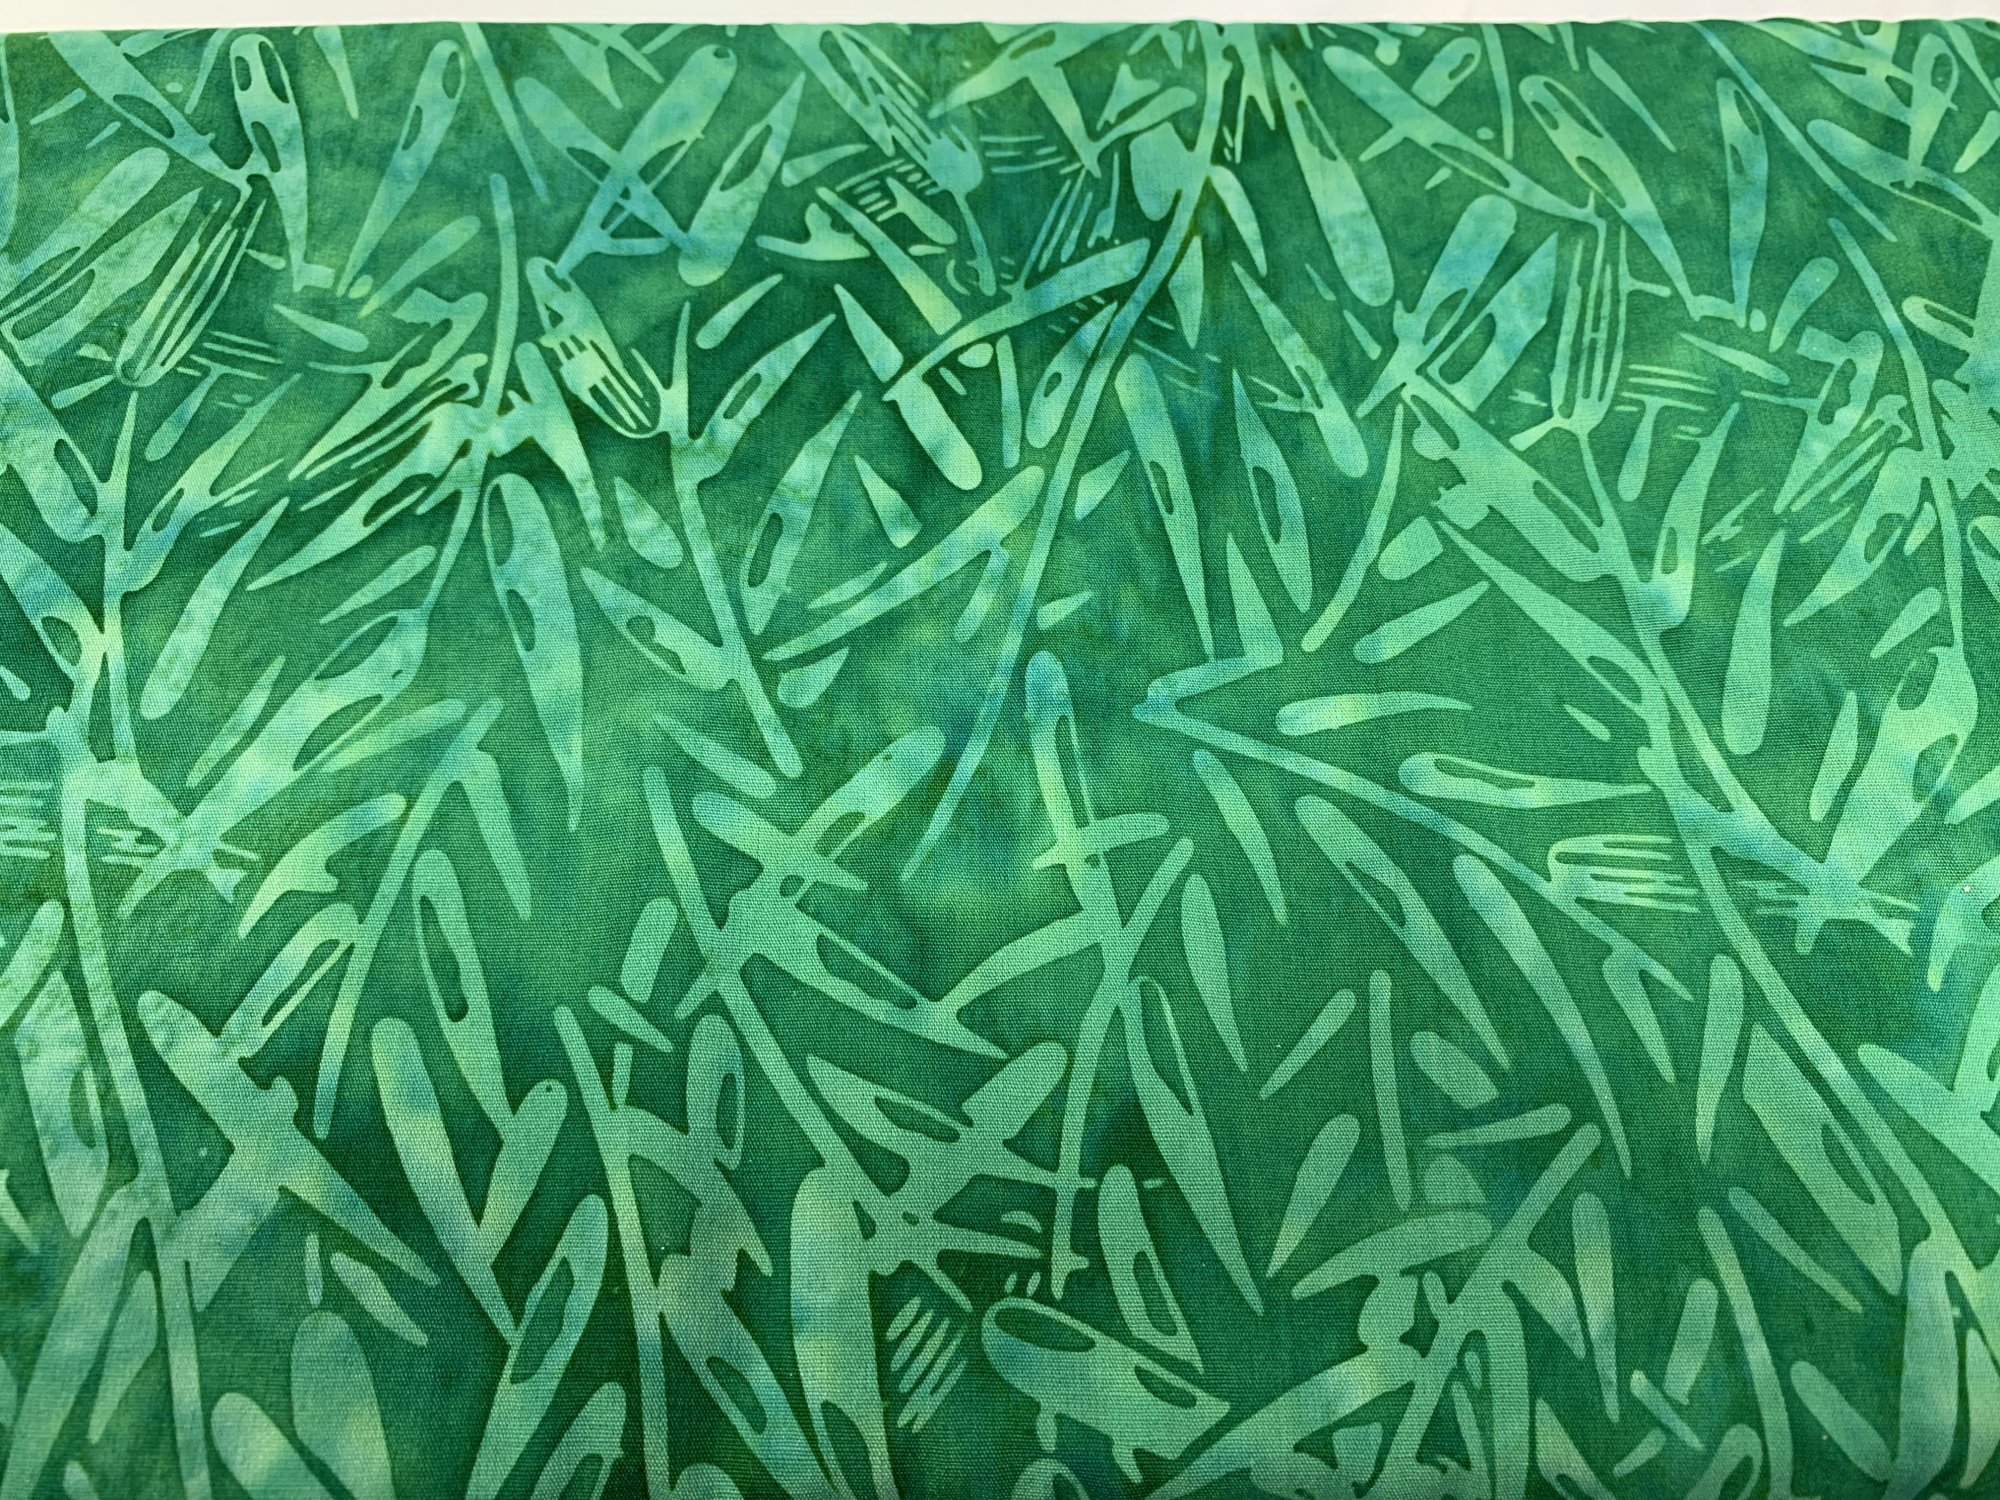 Batik Print Green Bamboo Leaves